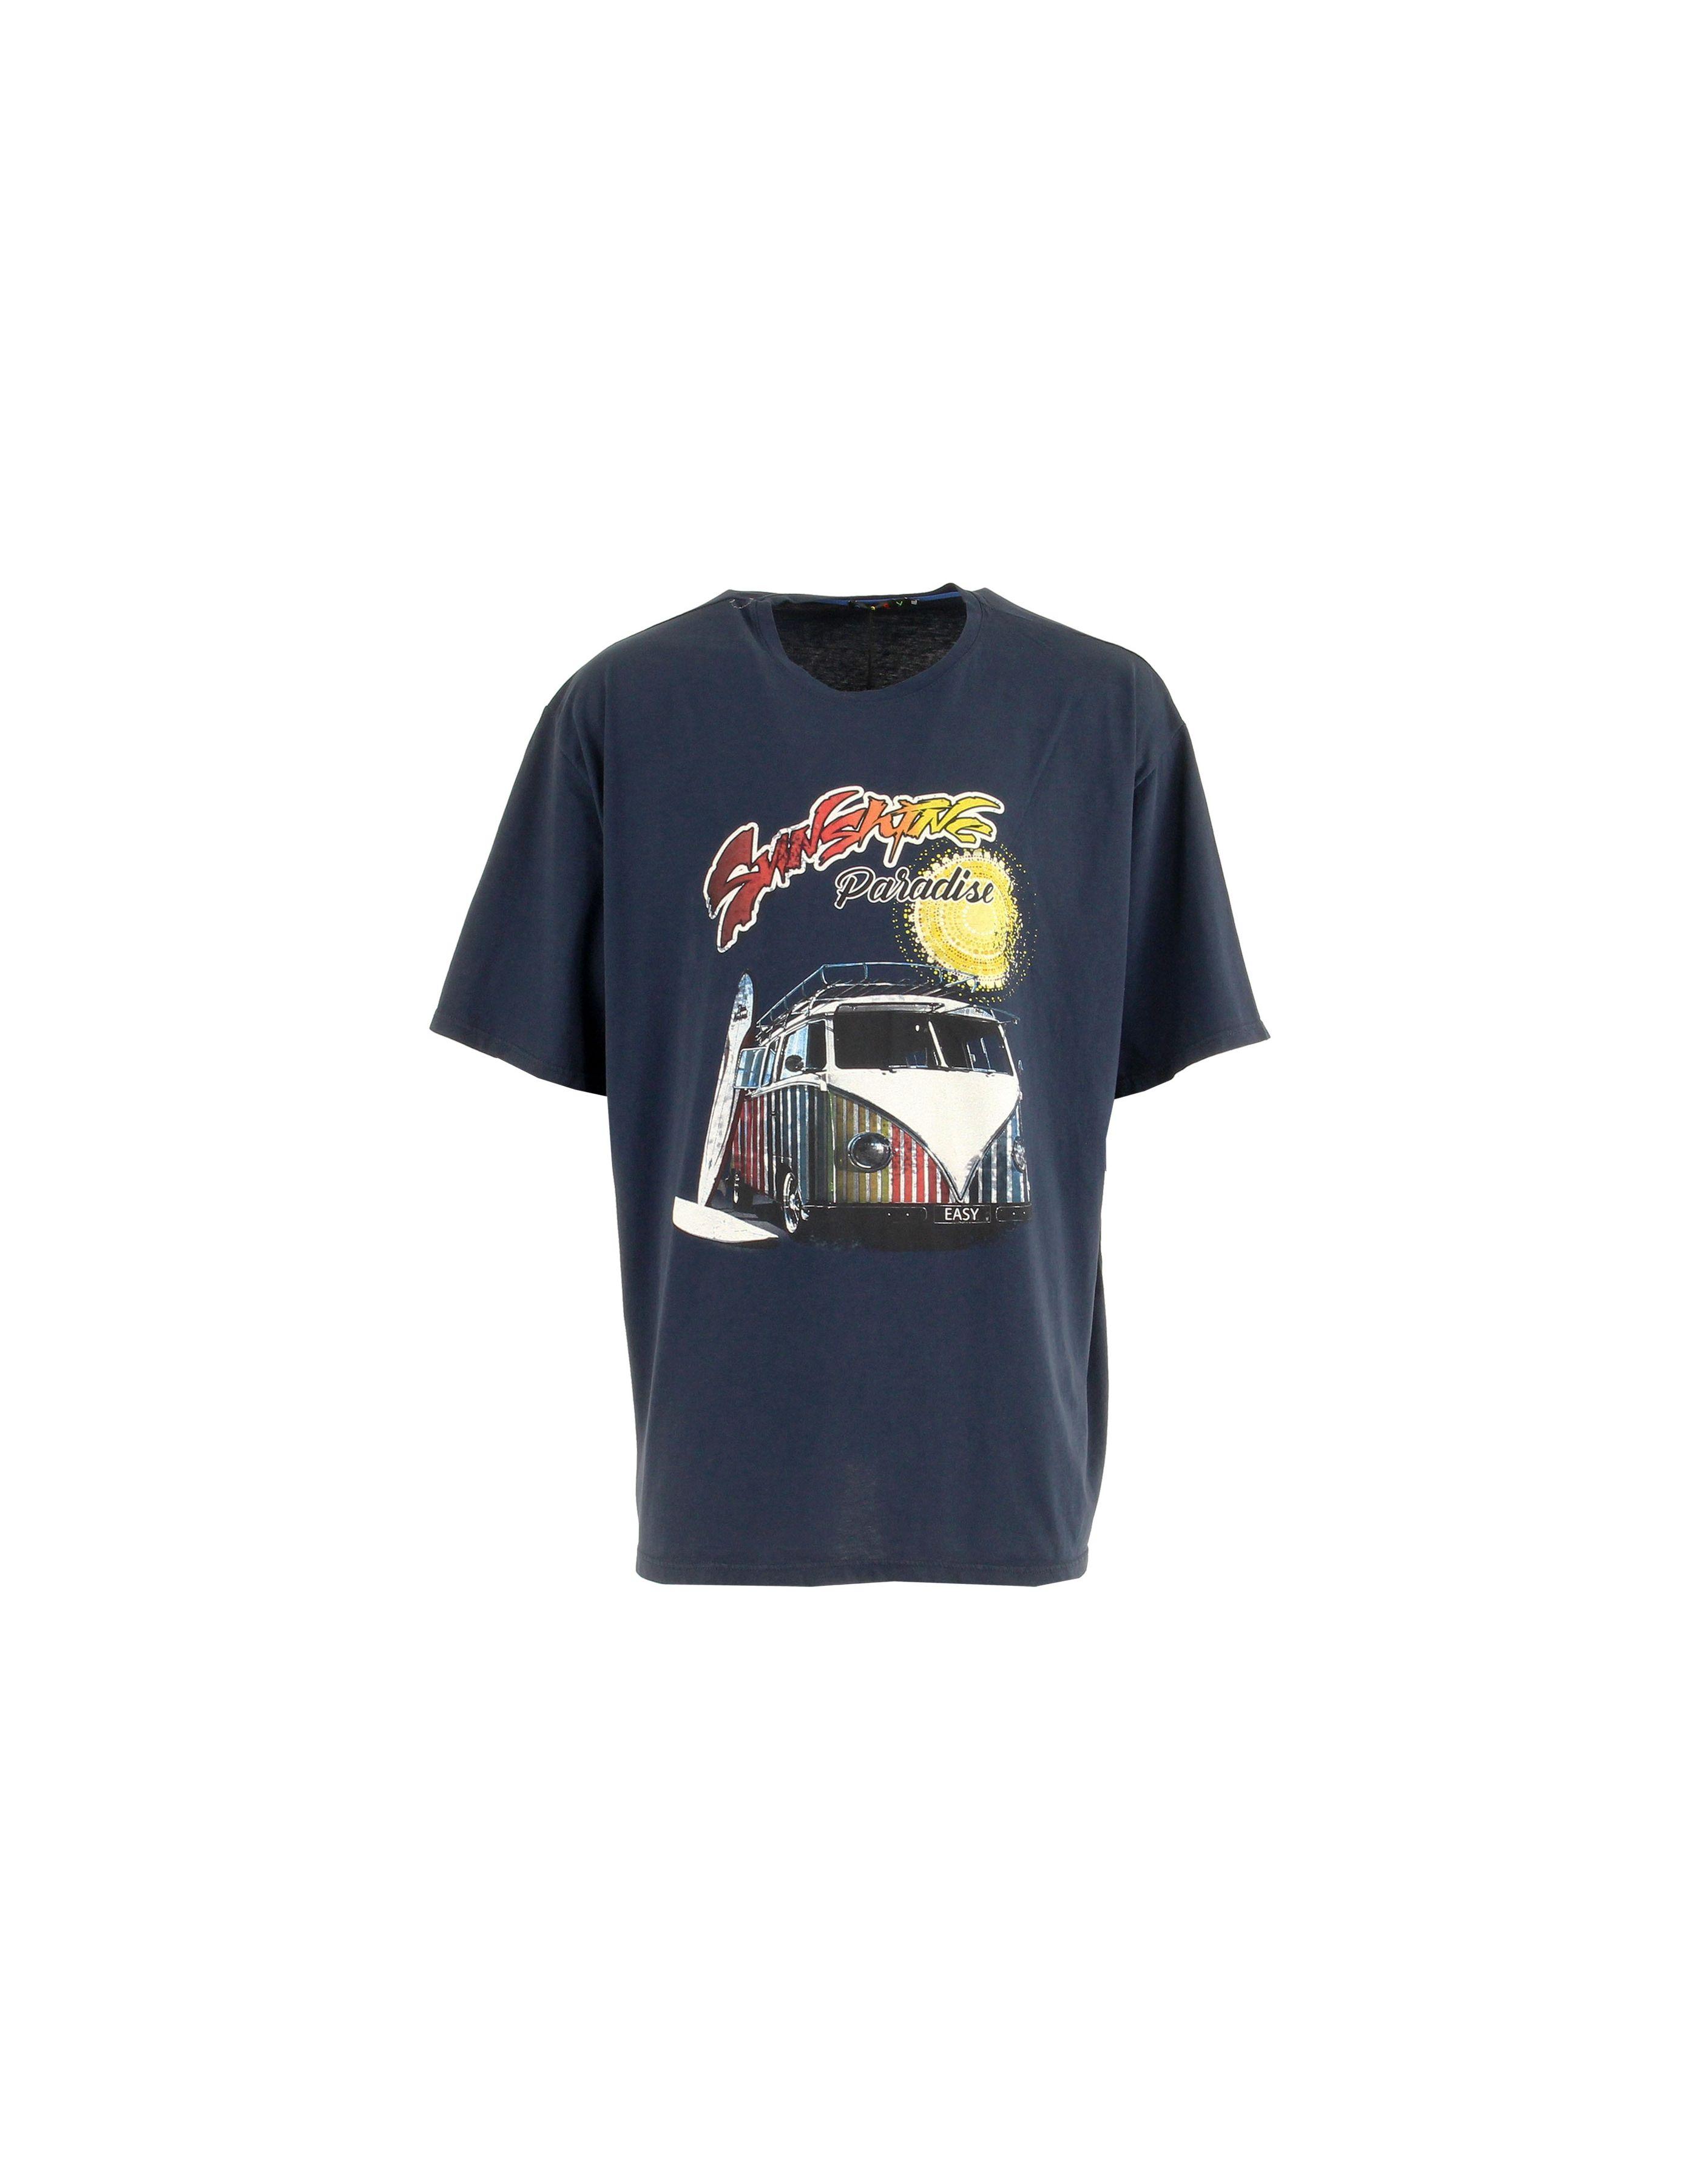 T shirt van WW